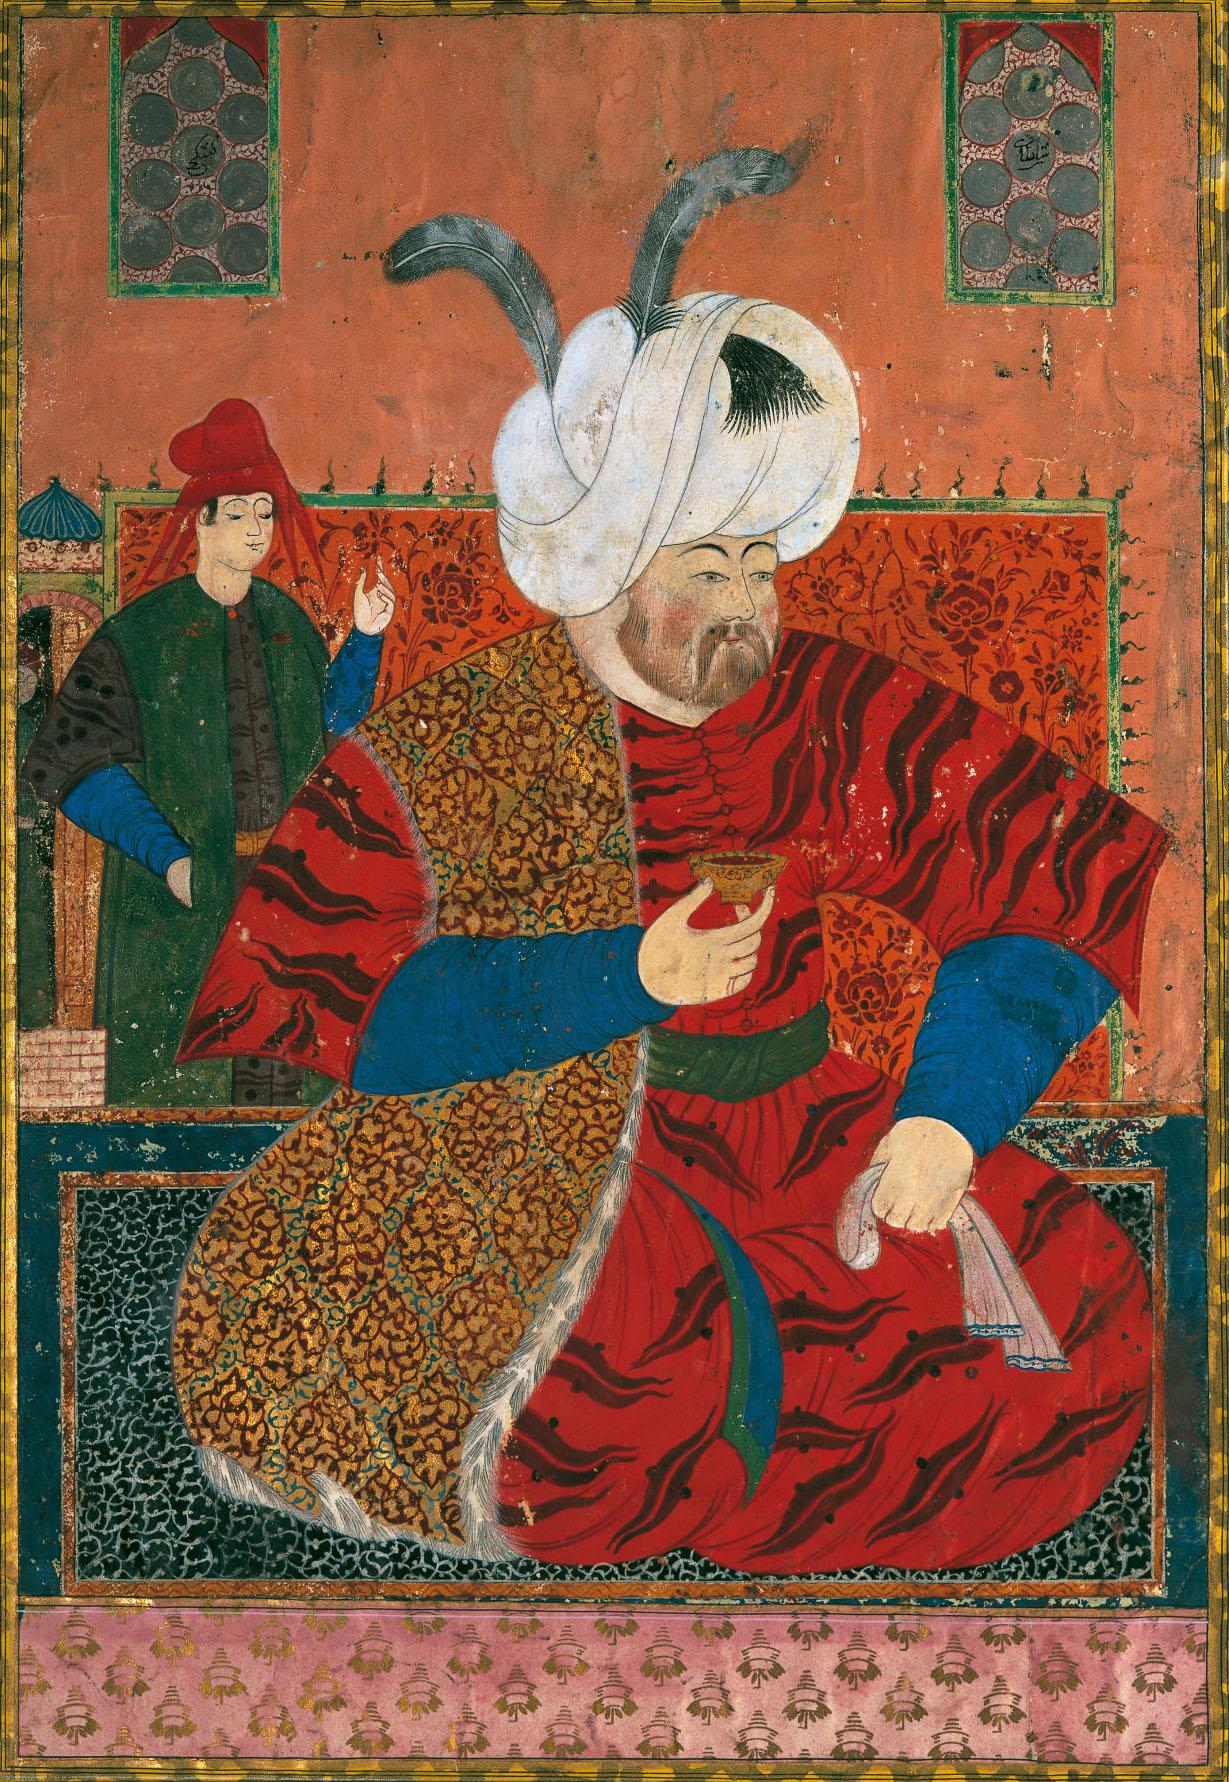 Osmanlı Sultanı II. Selim Kimdir. Saltanatı Hayatı Ve Önemli Olayları Ikinci Portrait Of Sultan Selim II